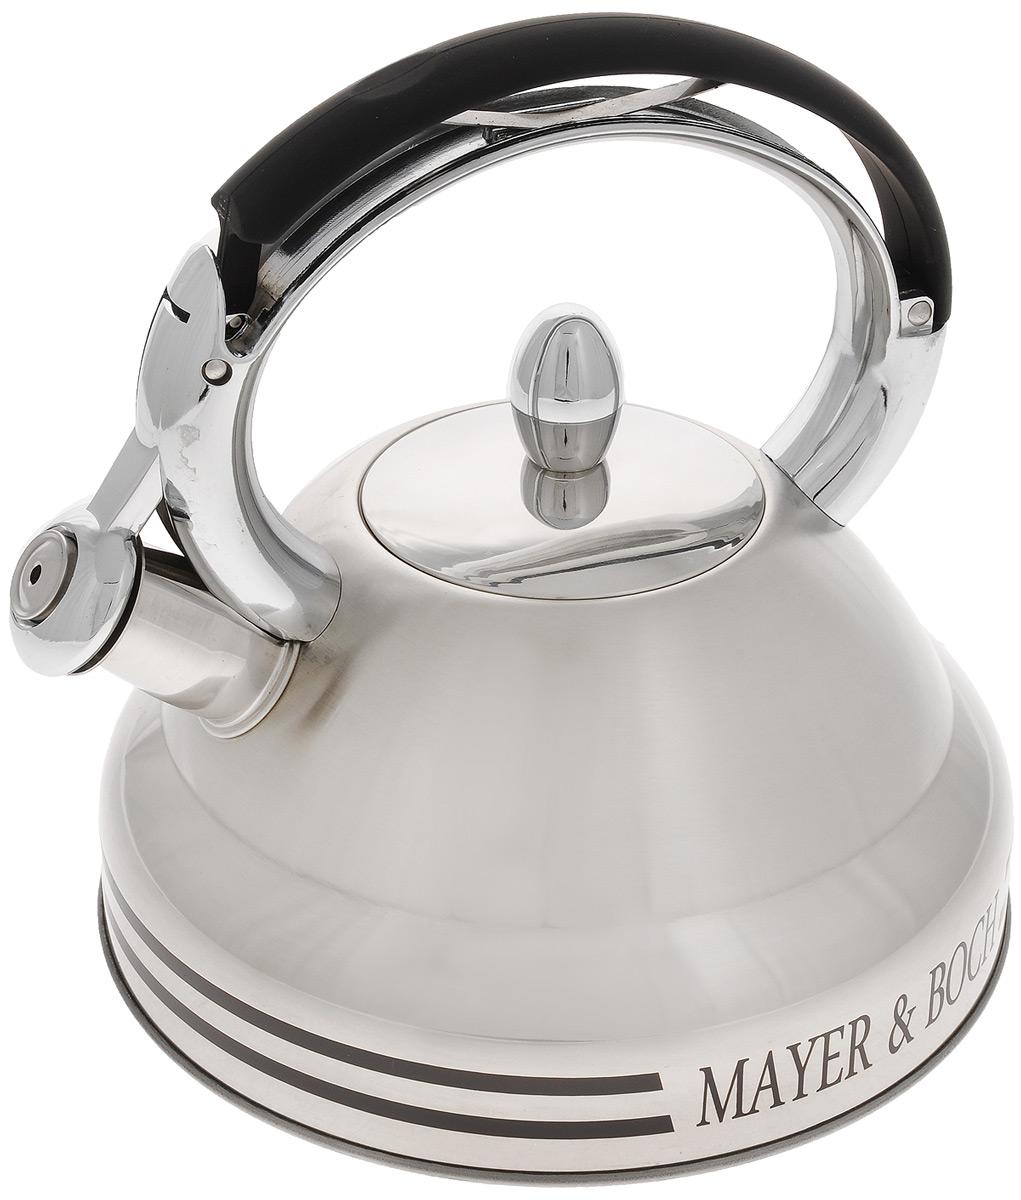 Чайник Mayer & Boch, со свистком, 2,7 л. 22415115510Чайник Mayer & Boch выполнен из нержавеющей стали высокой прочности. При кипячении сохраняет все полезные свойства воды. Весьма гигиеничен и устойчив к износу при длительном использовании. Гладкая и ровная поверхность существенно облегчает уход за посудой. Чайник оснащен свистком, который громко оповестит о закипании воды. Ручка чайника изготовлена из пластика с покрытием Soft-Touch. Такой чайник идеально впишется в интерьер любой кухни и станет замечательным подарком к любому случаю. Подходит для газовой плиты, не подходит для индукционной.Диаметр чайника (по верхнему краю): 9 см. Высота чайника (с учетом ручки): 22,5 см.Высота чайника (без учета ручки и крышки): 11 см.